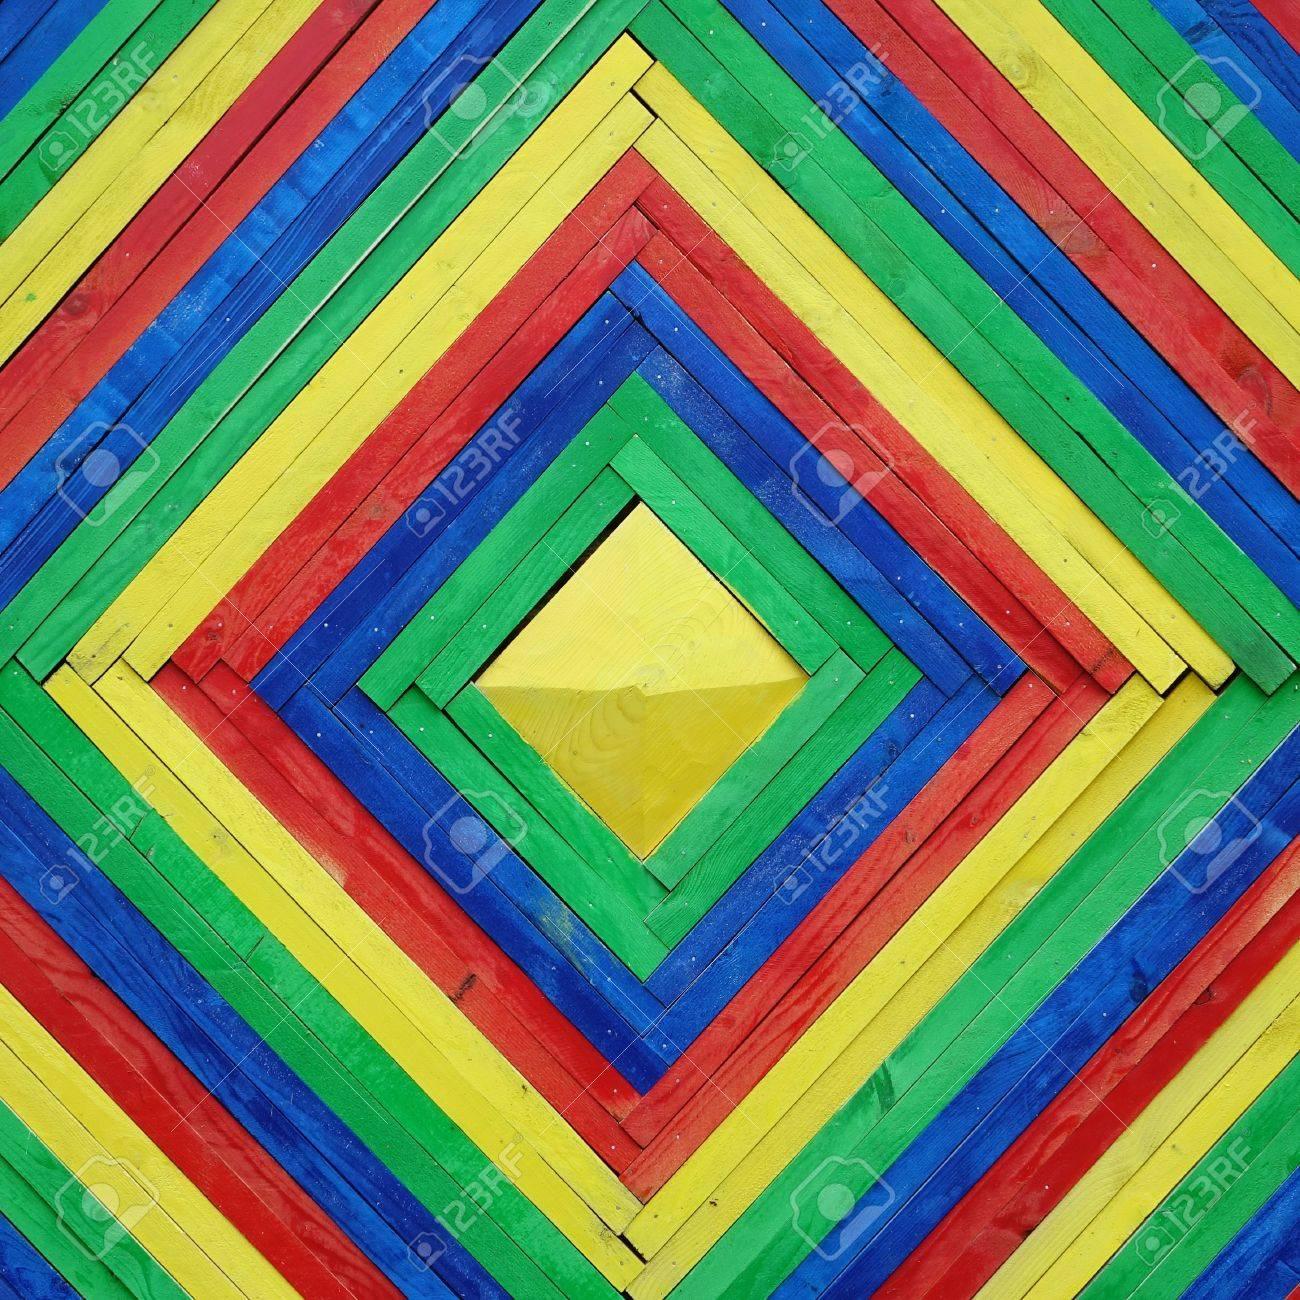 dekoratives dekoratives hölzernes mosaik-fliesen-feld-bunte rahmen